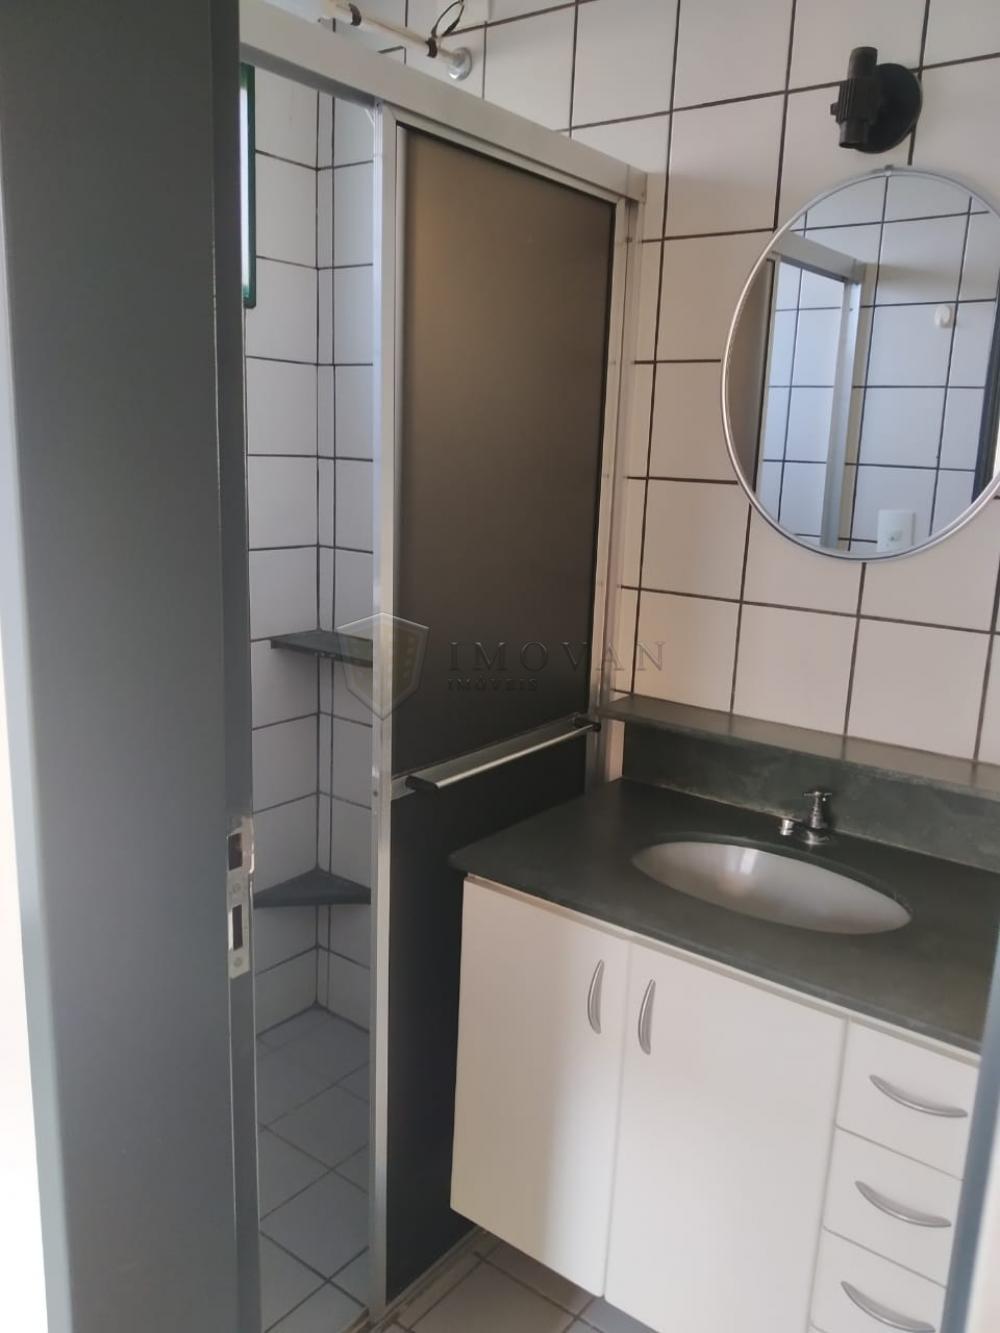 Comprar Apartamento / Padrão em Ribeirão Preto R$ 115.000,00 - Foto 9